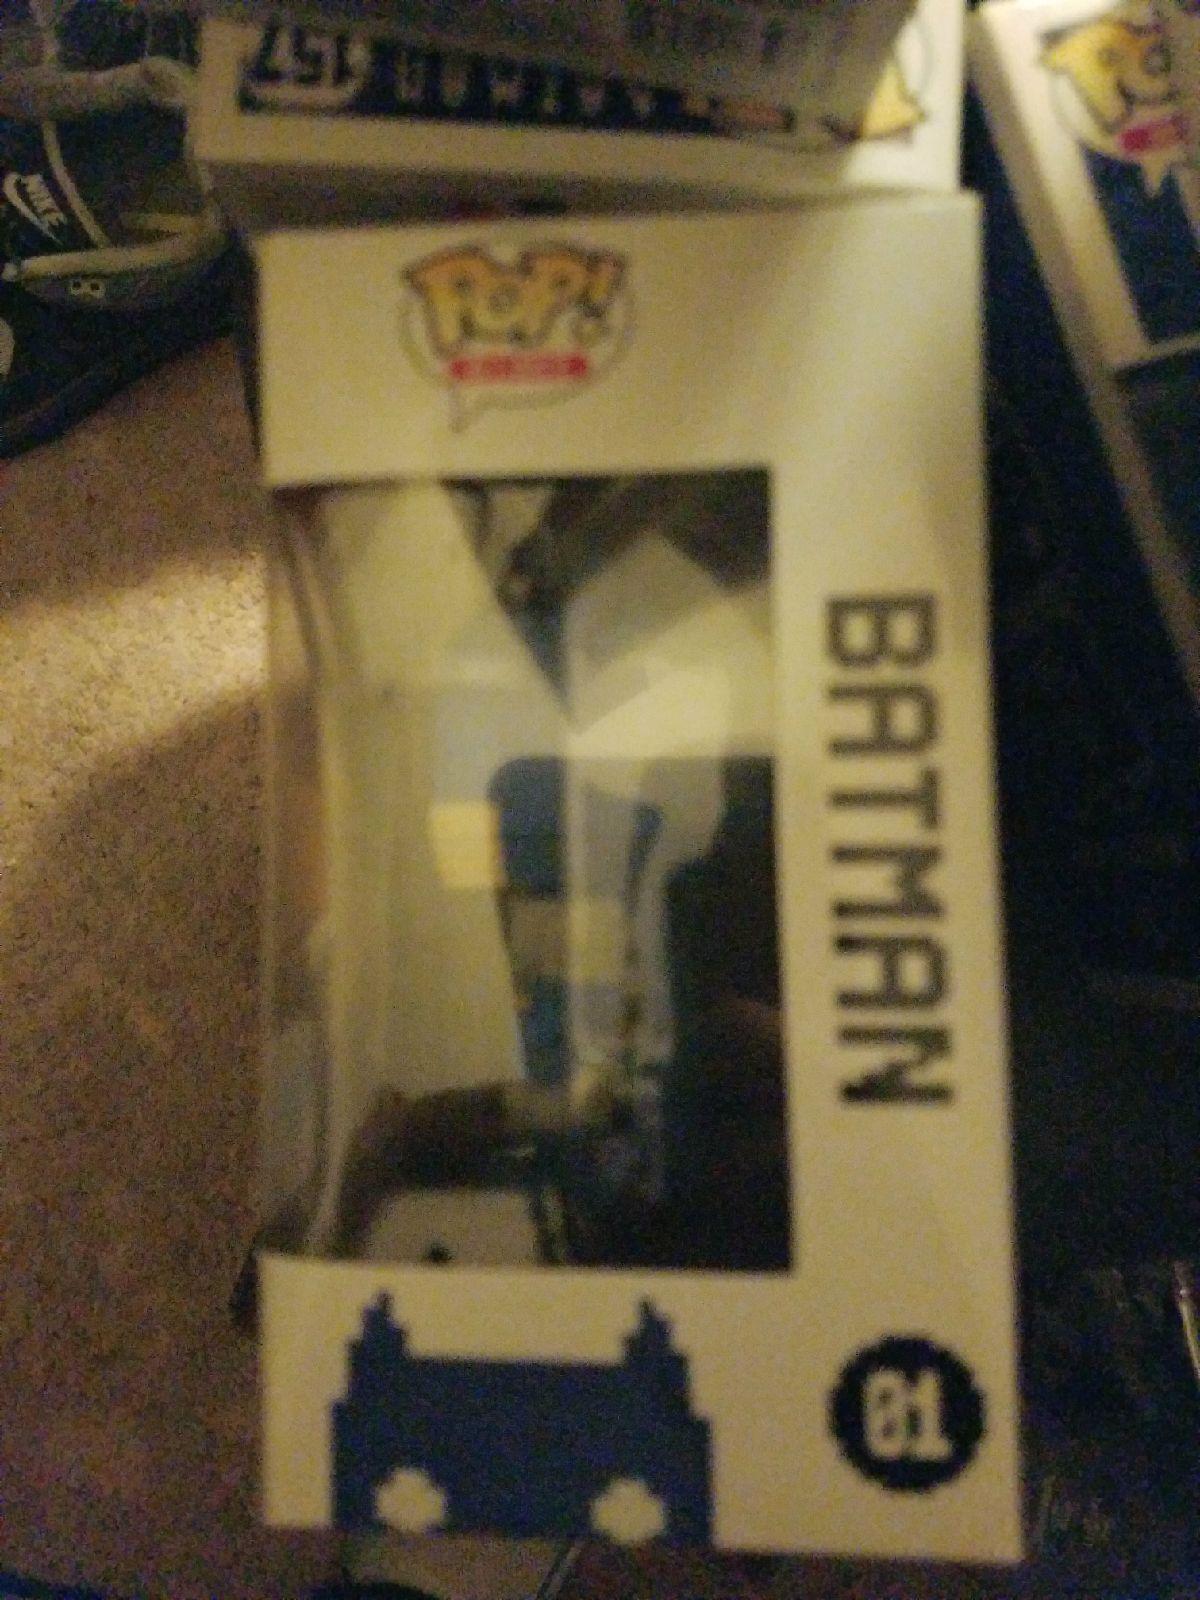 Batman 8 bit funko pop funko exclusive